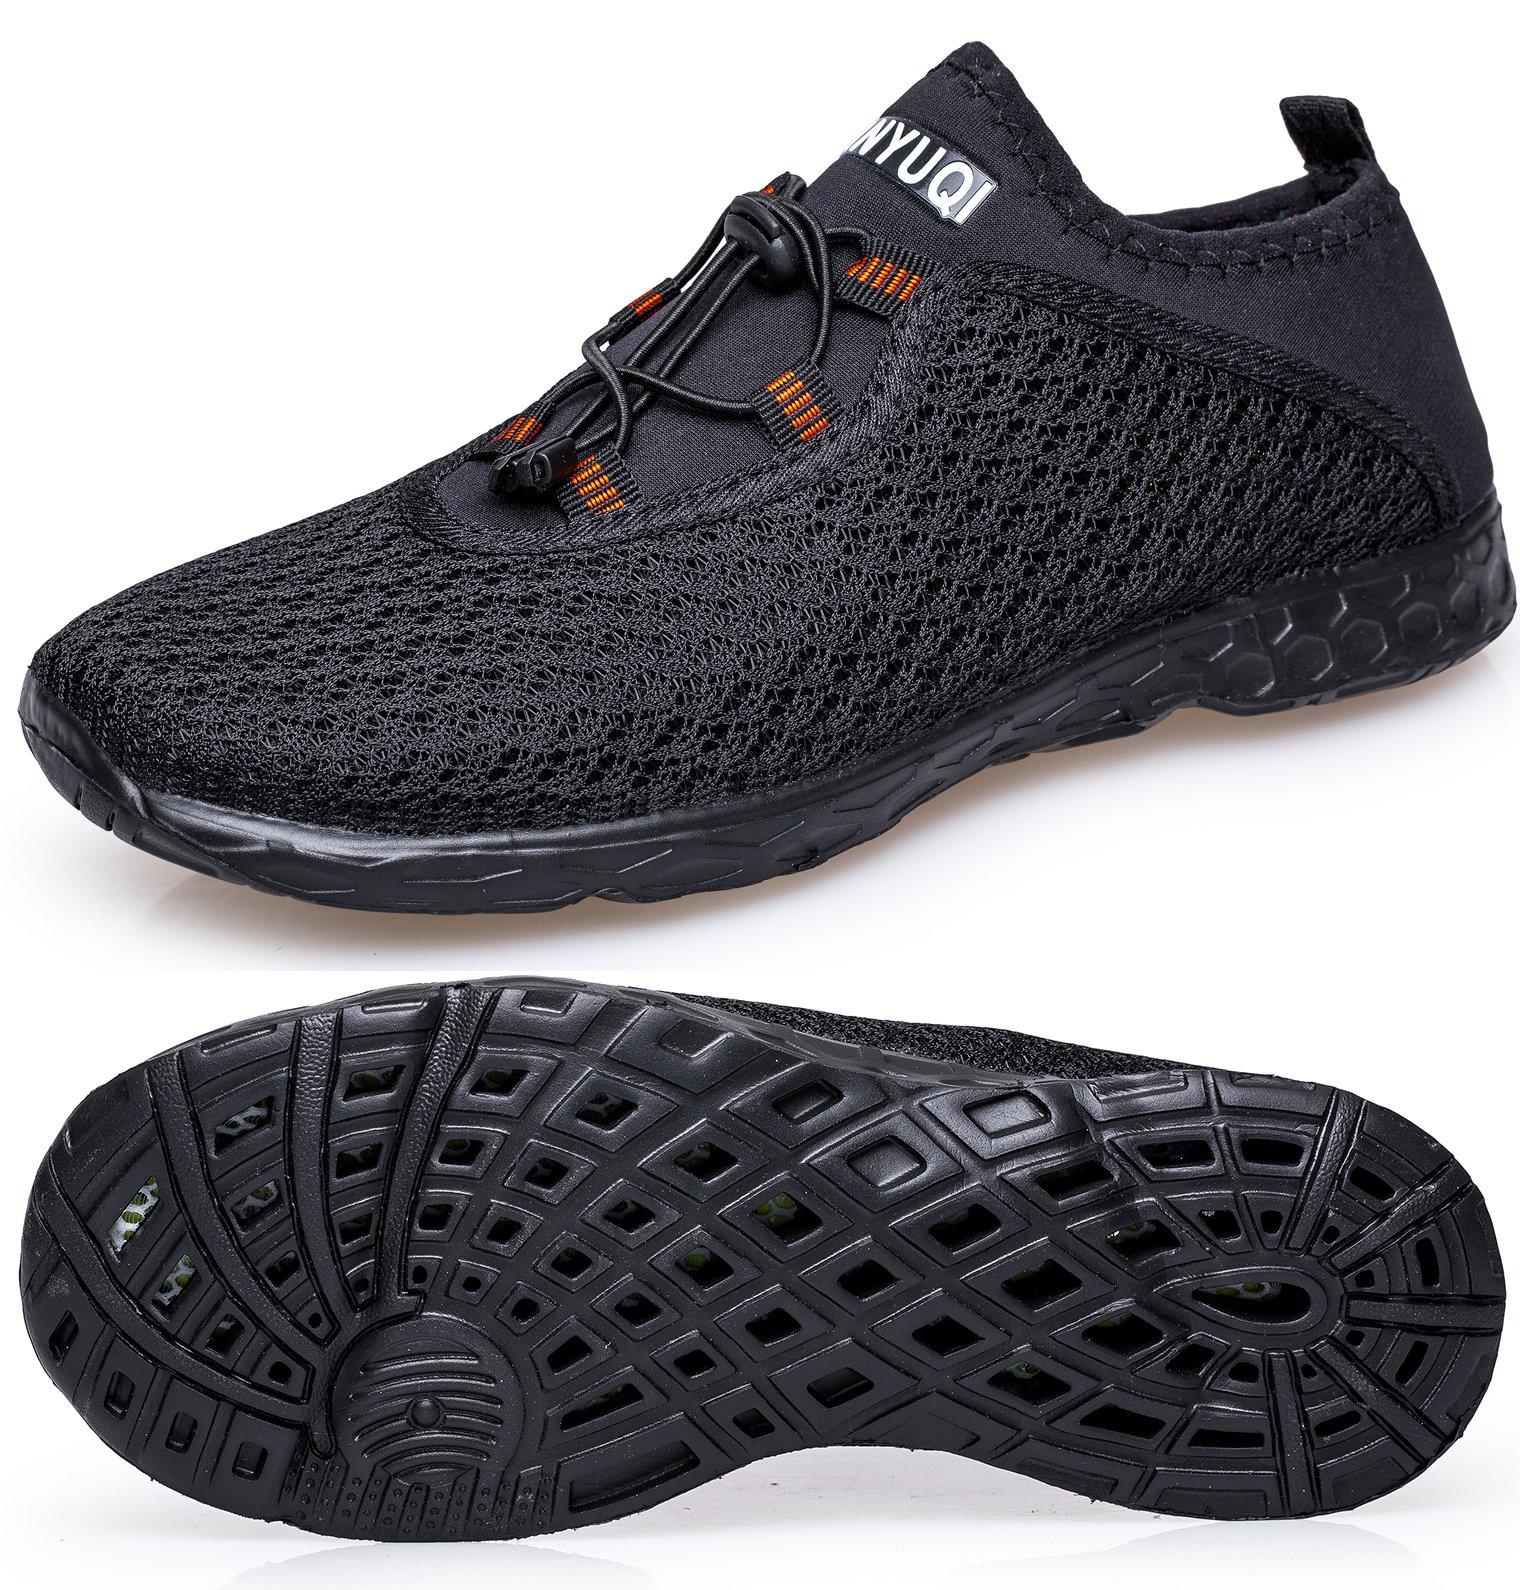 TIANYUQI Men's Mesh Slip On Water Shoes by TIANYUQI